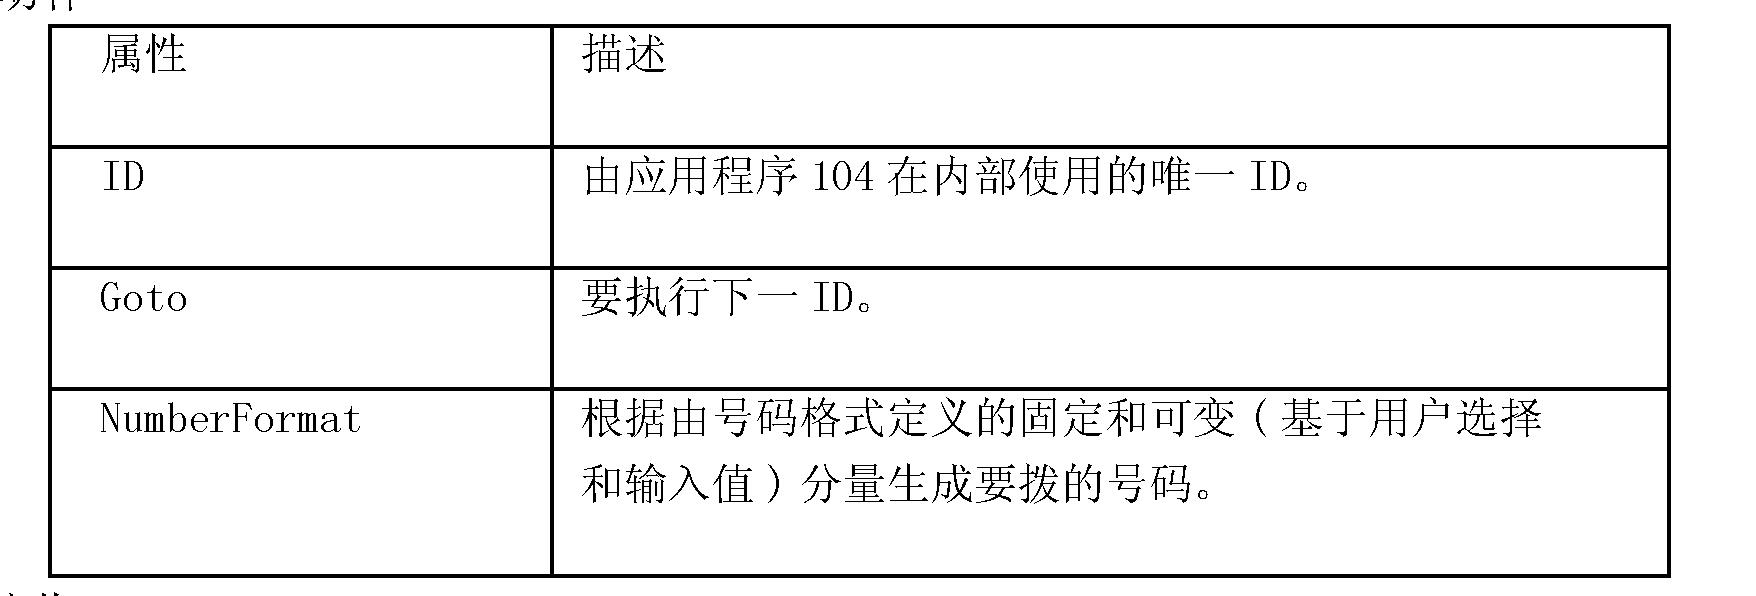 Figure CN101681484BD00392